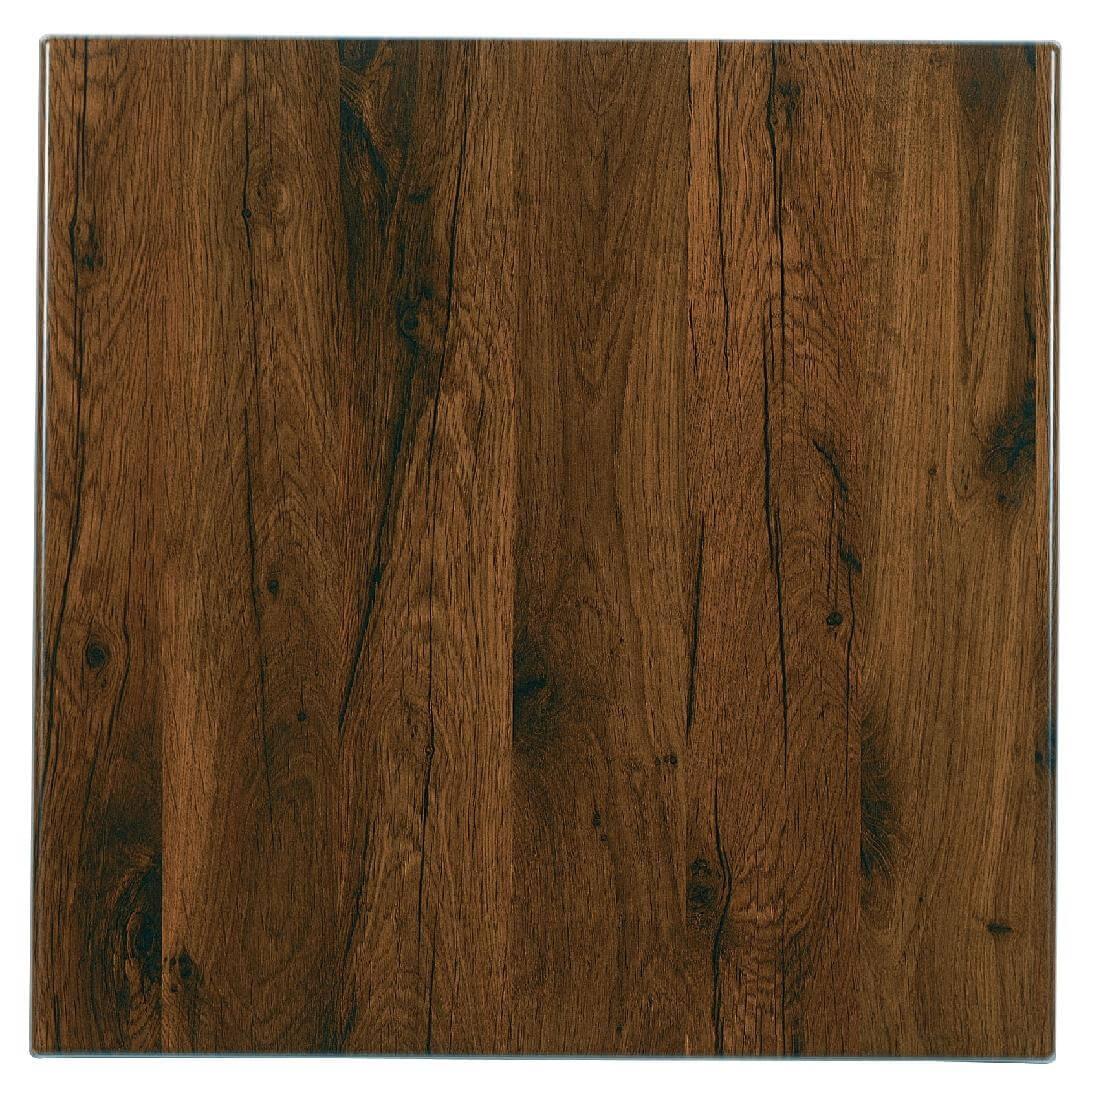 Werzalit - Antique Oak